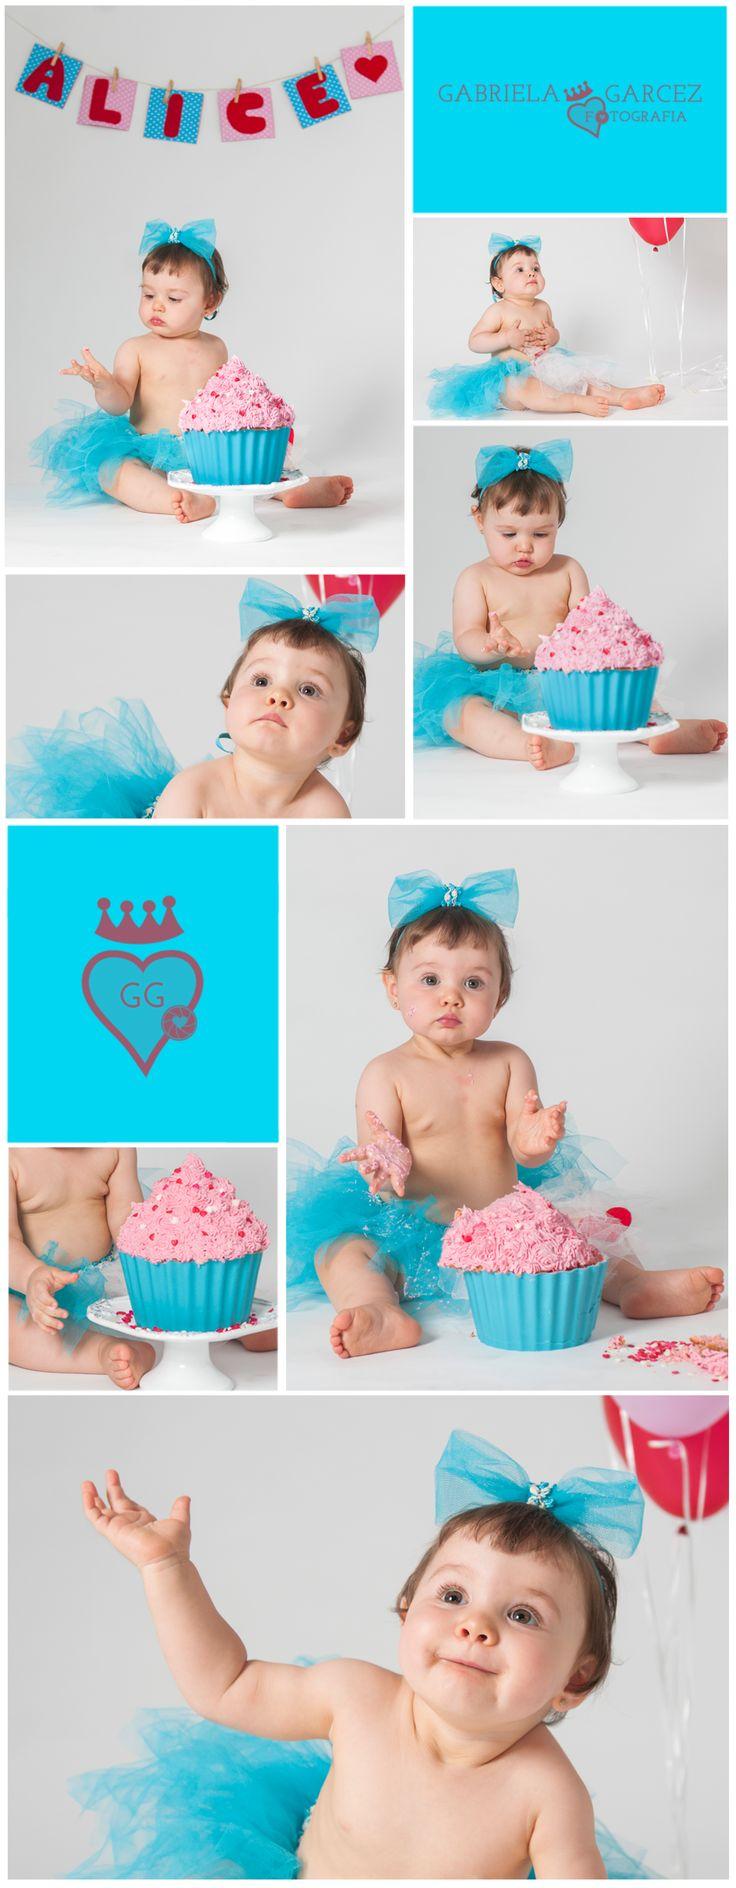 Ensaio Cake Smash - Fotografia bebê rj - Alice 1 ano